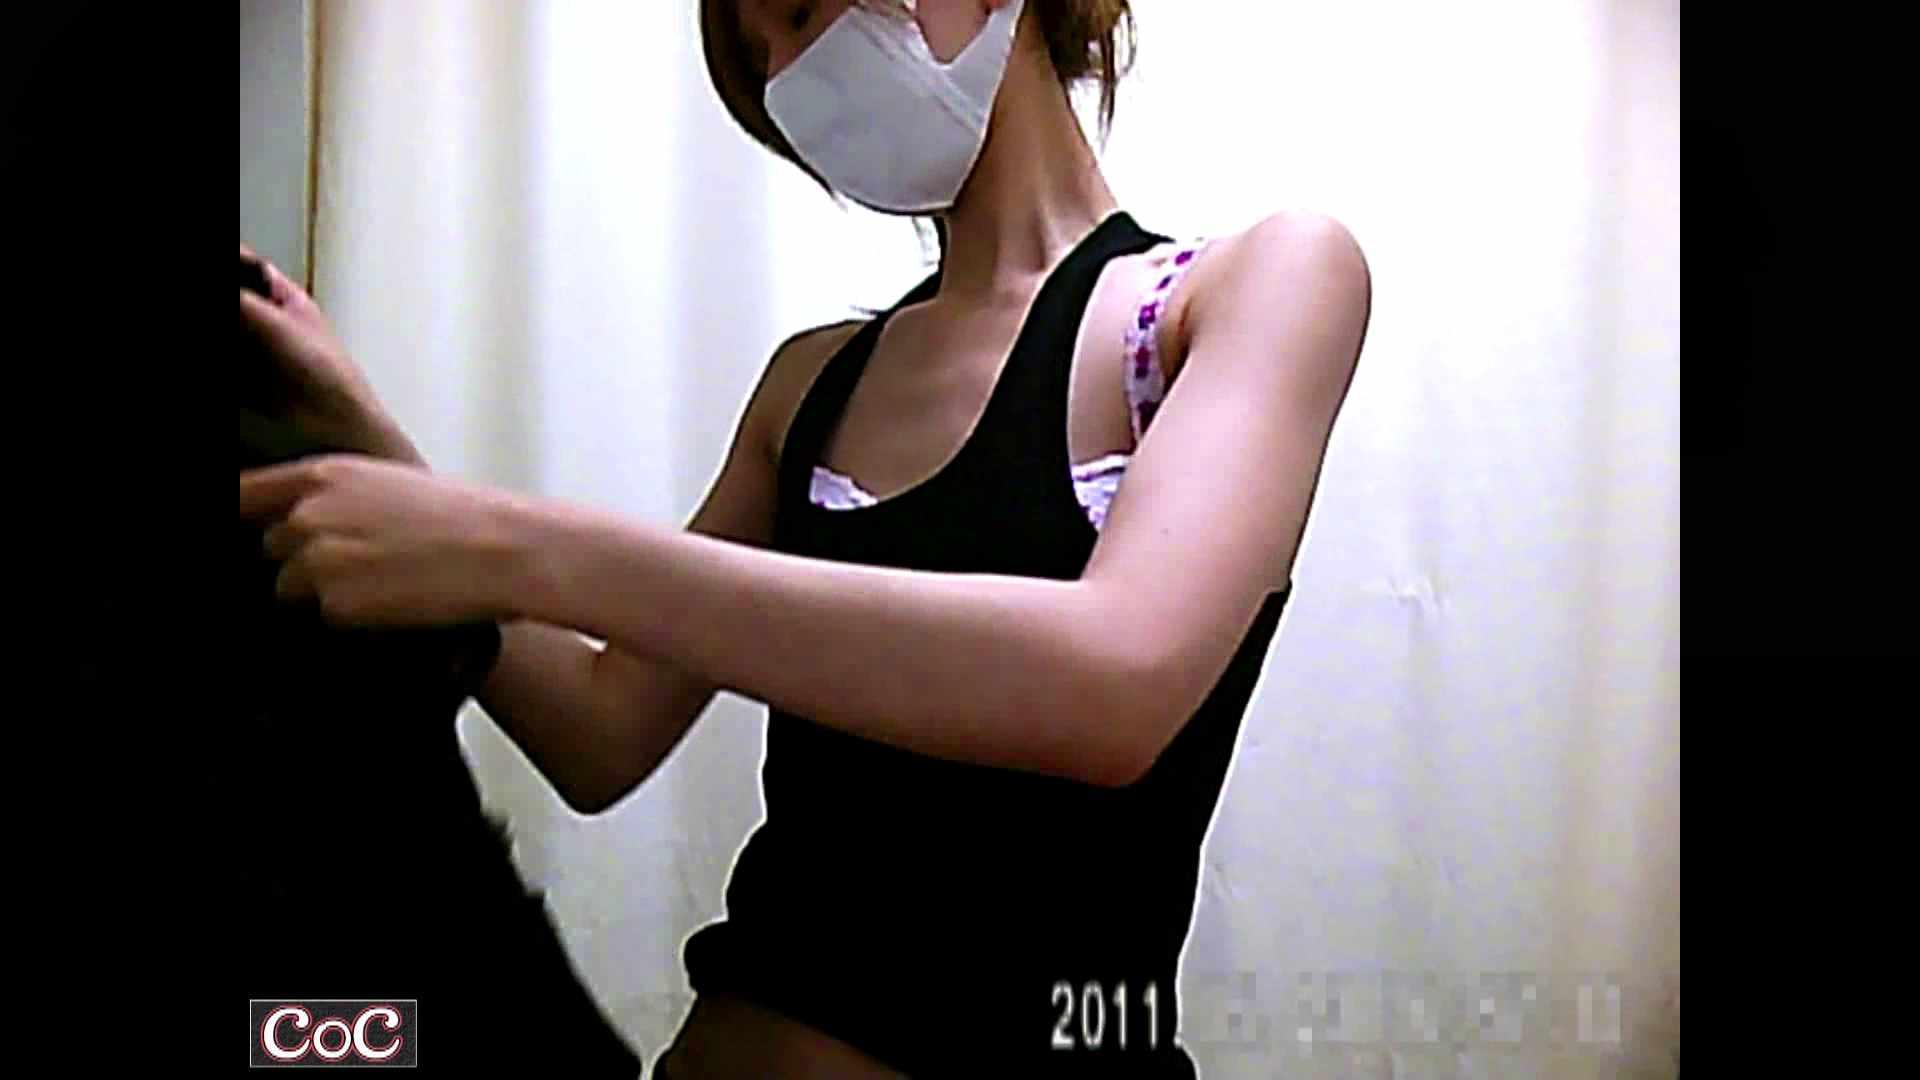 元医者による反抗 更衣室地獄絵巻 vol.171 OL  106pic 62